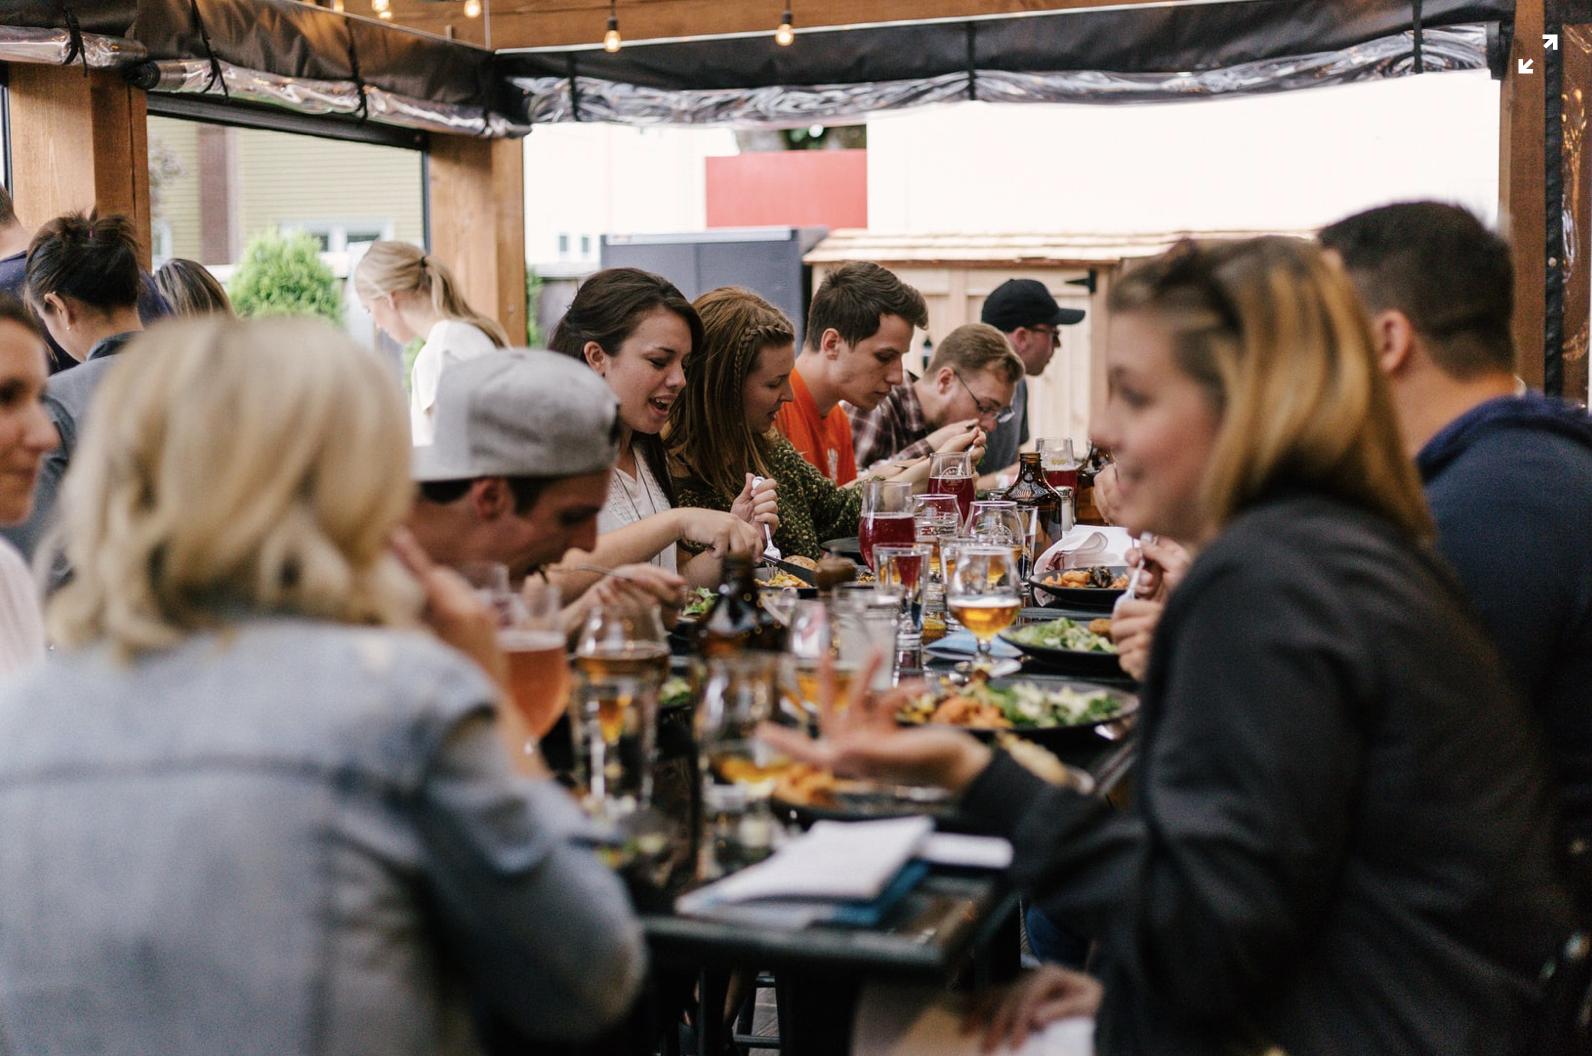 Social gathering for dinner after work. CC: Prisilla Du Preez on Unsplash.